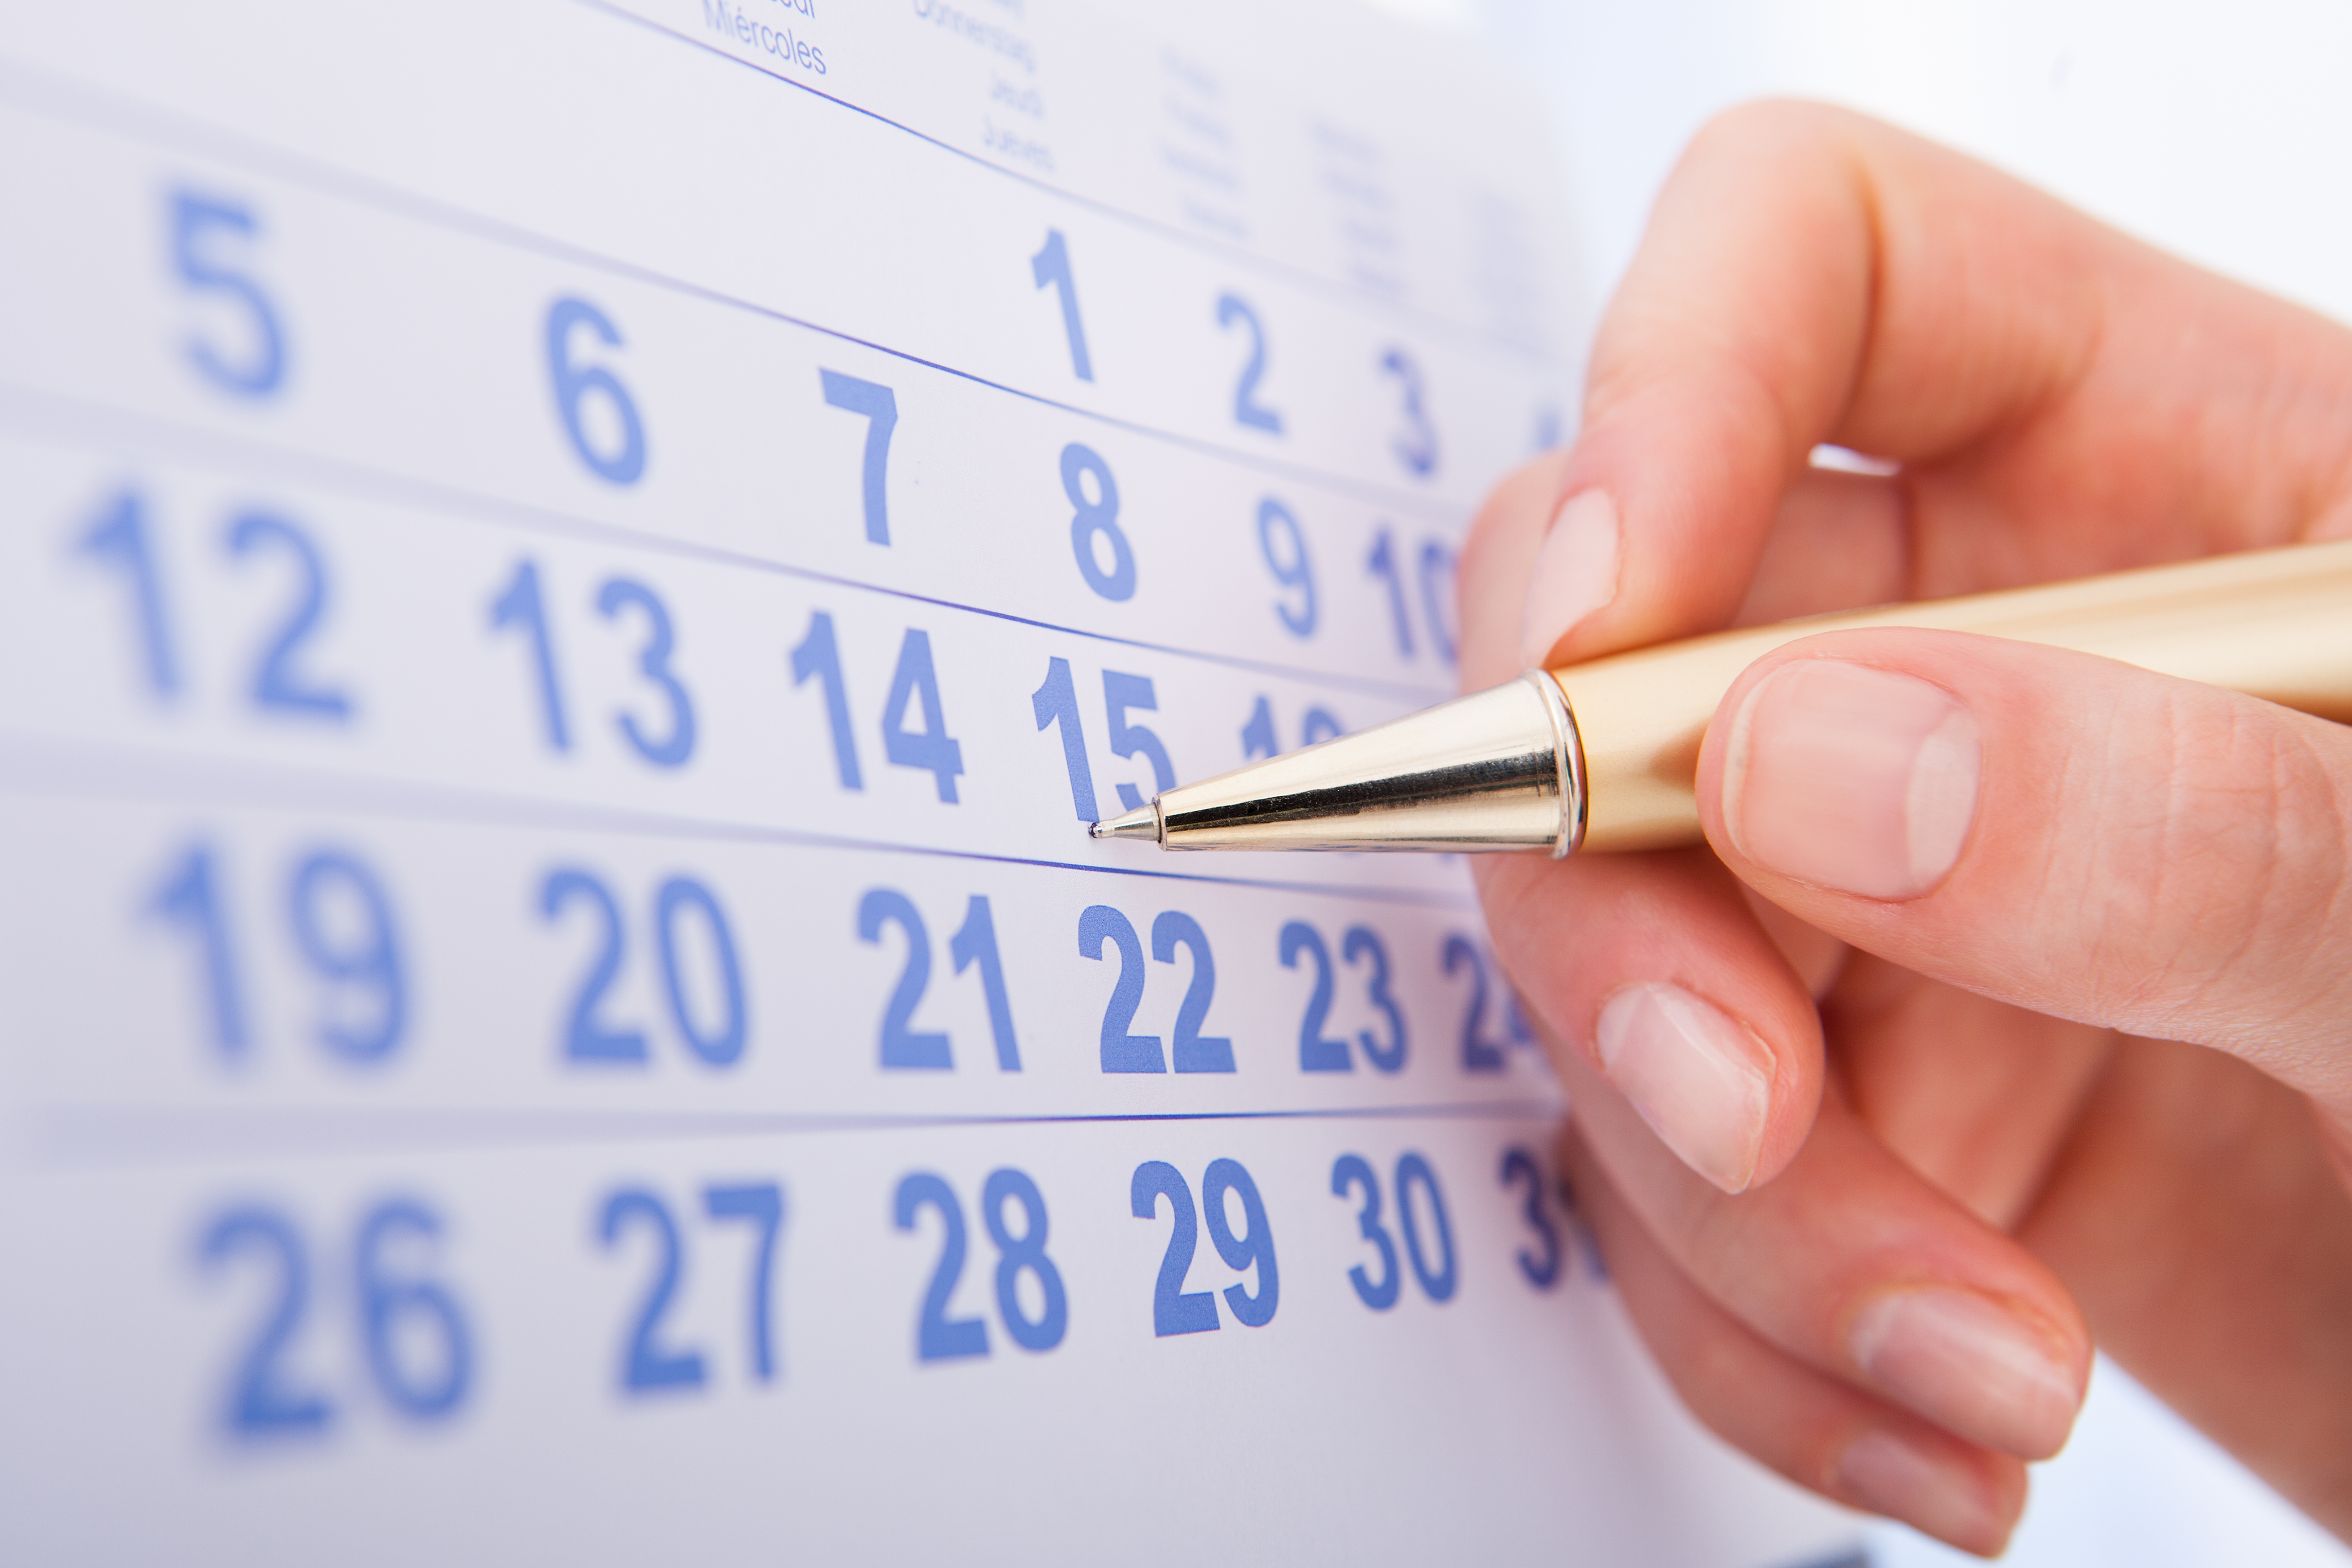 Cloud für das Personalwesen: Vorbei sind die lästigen Kalendermarkierungen